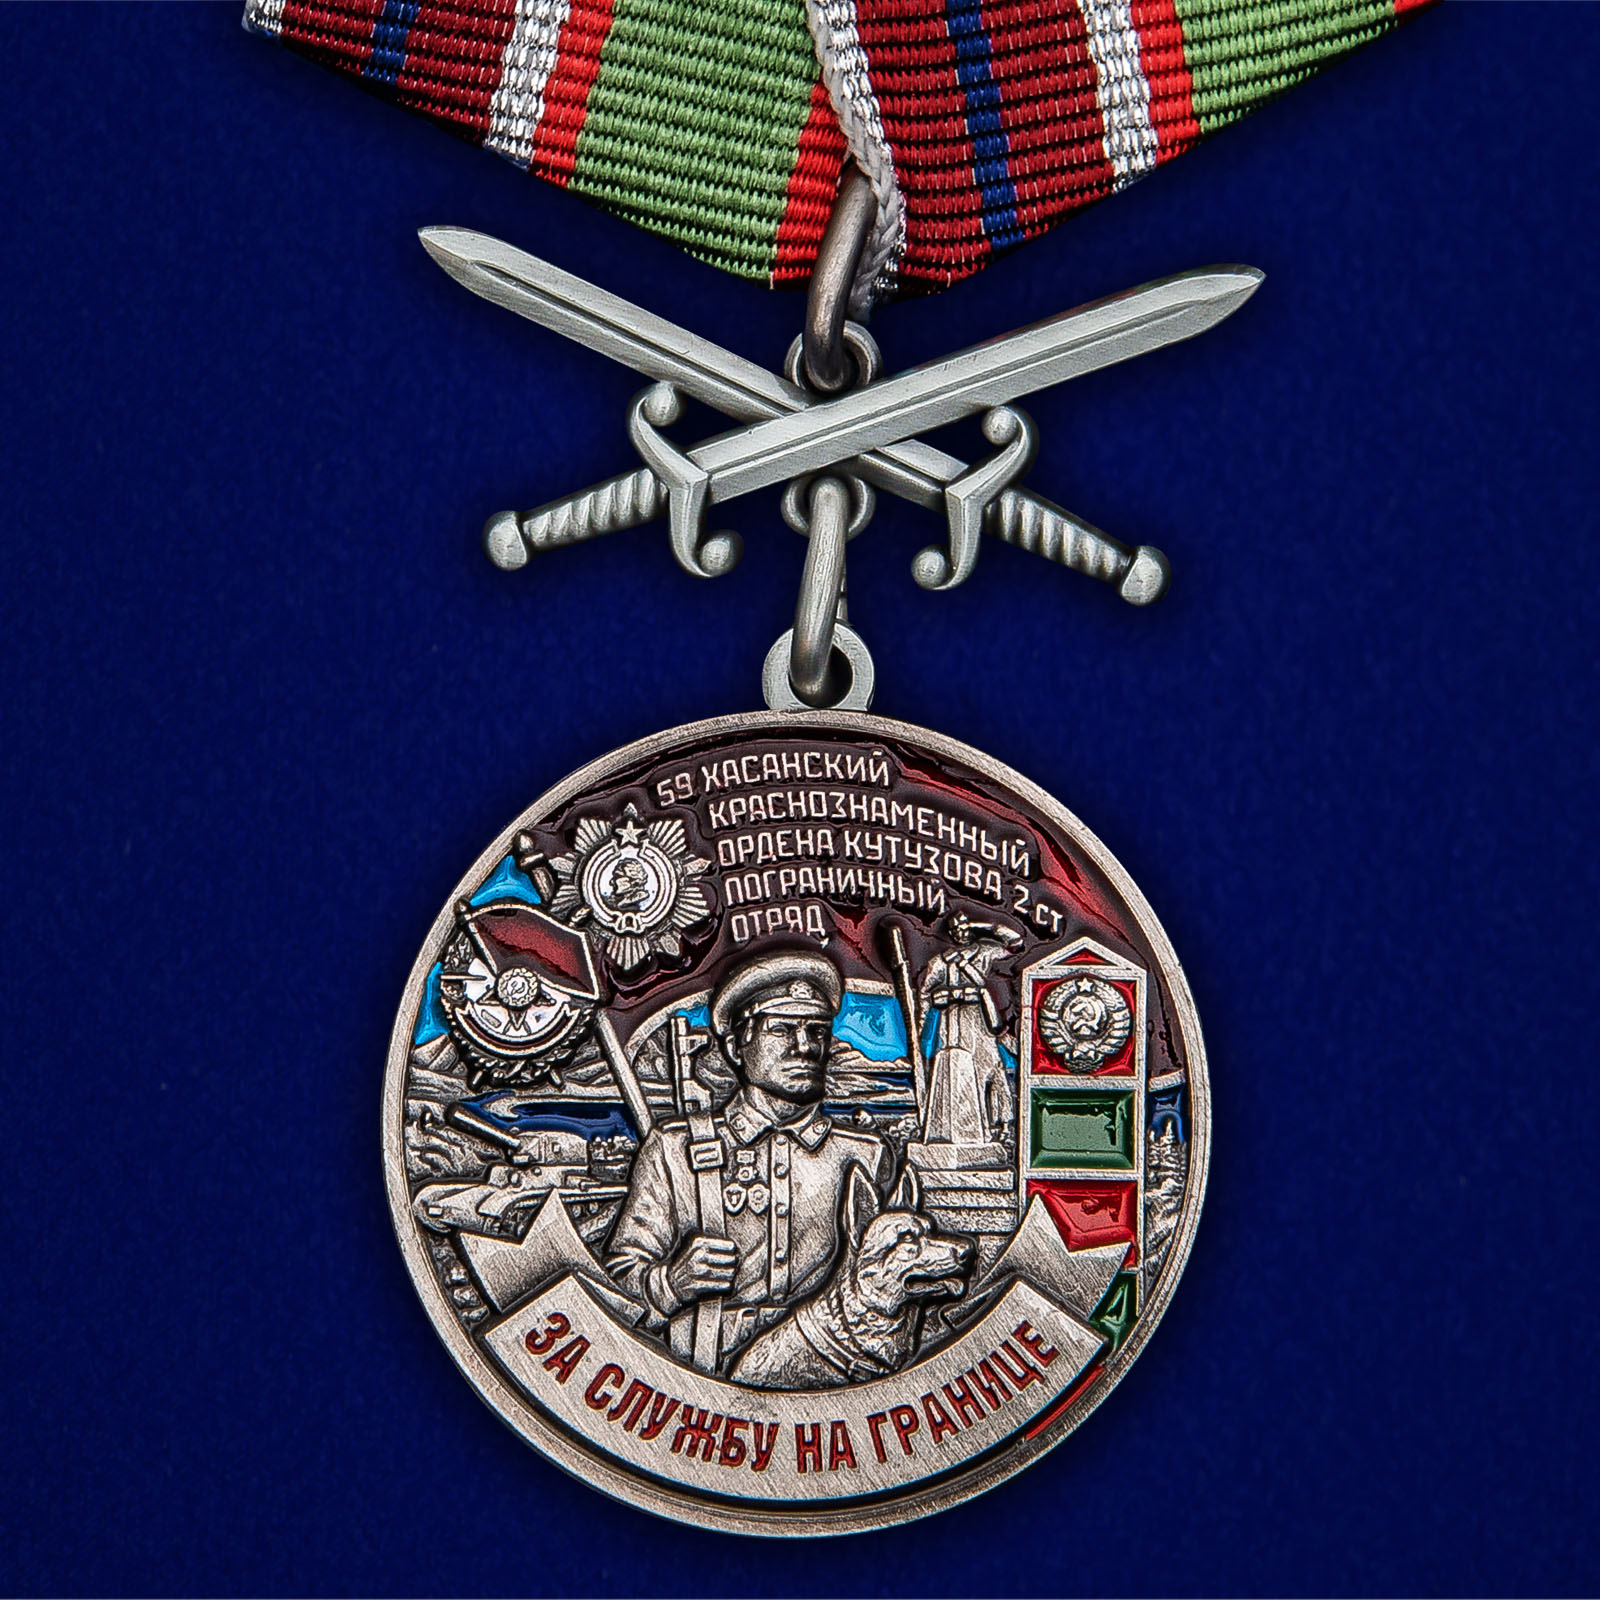 """Медаль """"За службу в Хасанском пограничном отряде"""""""